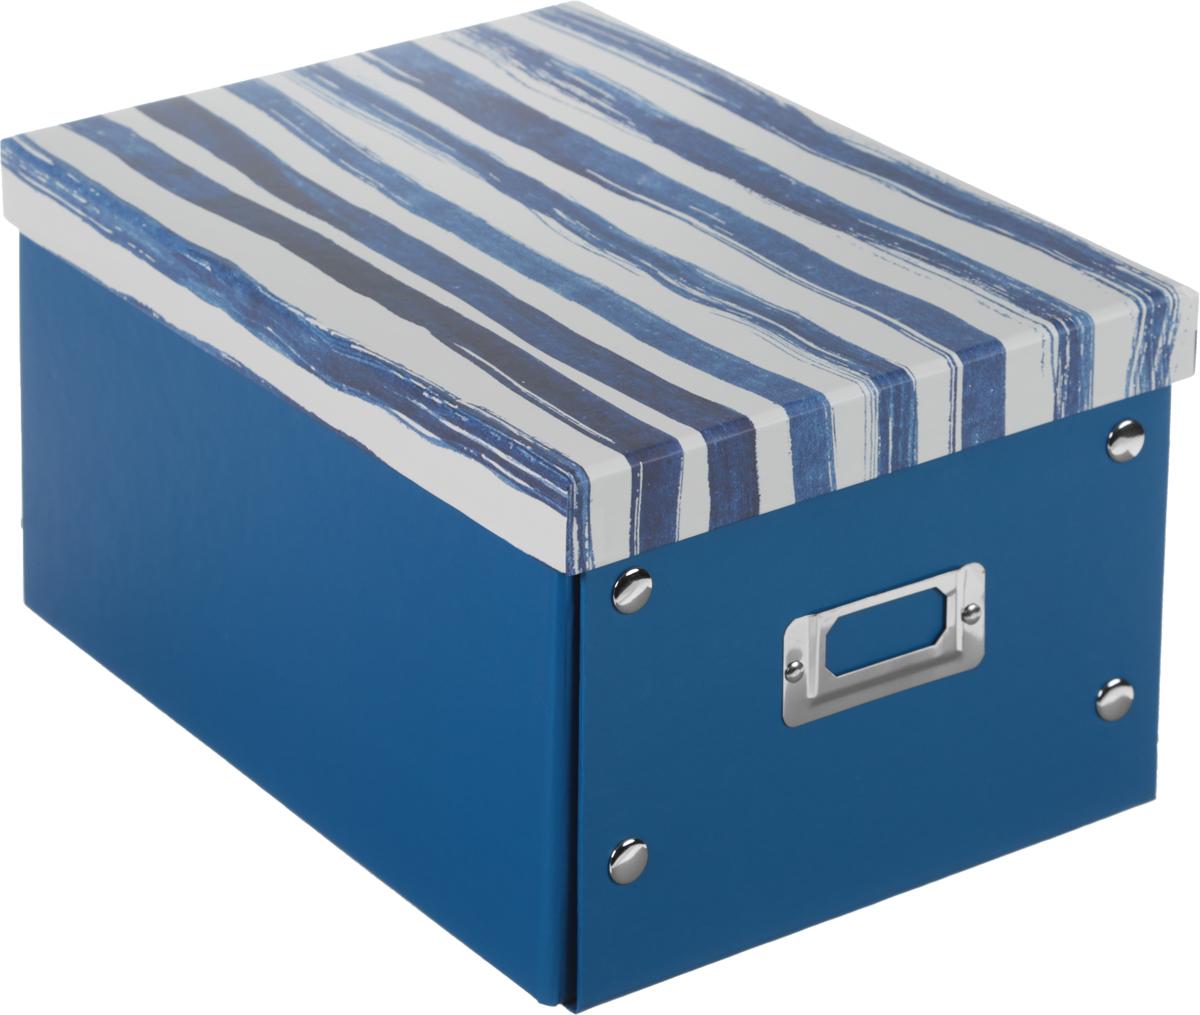 Коробка для хранения, складная, цвет: синий, белый, 21 х 25,5 х 328907 4Коробкадля хранения изготовлена из высококачественного плотного картонаи оформлена оригинальным принтом. Она предназначена для хранения различных мелочей. Изделие легко собирается с помощью металлических креплений и не занимает много места. Такая коробка для хранения идеальное решение для аккуратного хранения различных ниток, канцелярских товаров.Размер коробки (в собранном виде): 21 х 25,5 х 3 см.